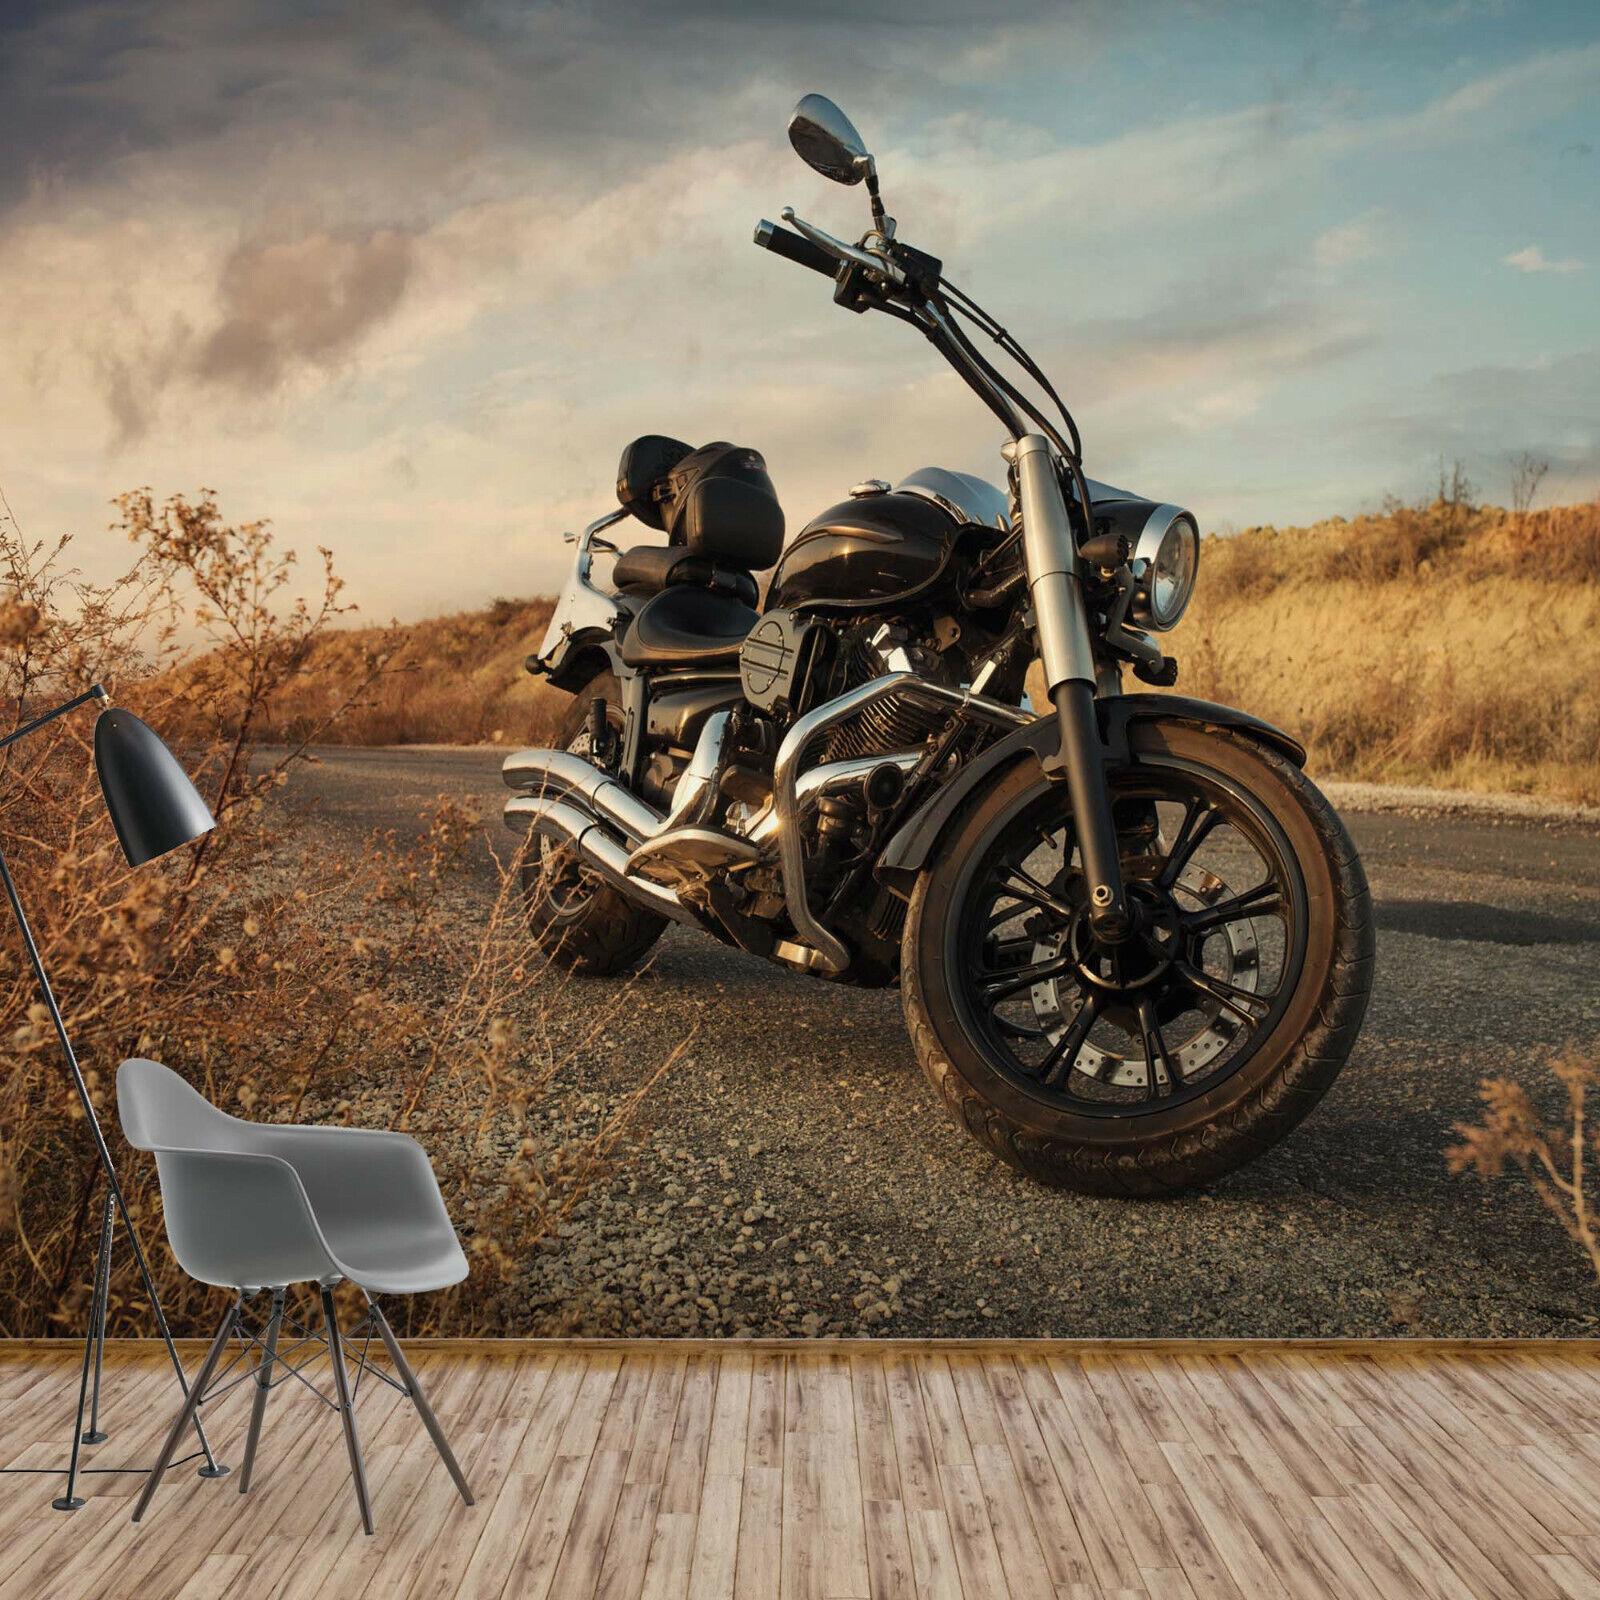 Tapete Fototapete für Wohnzimmer Kraftrad Motorrad Chopper Harley